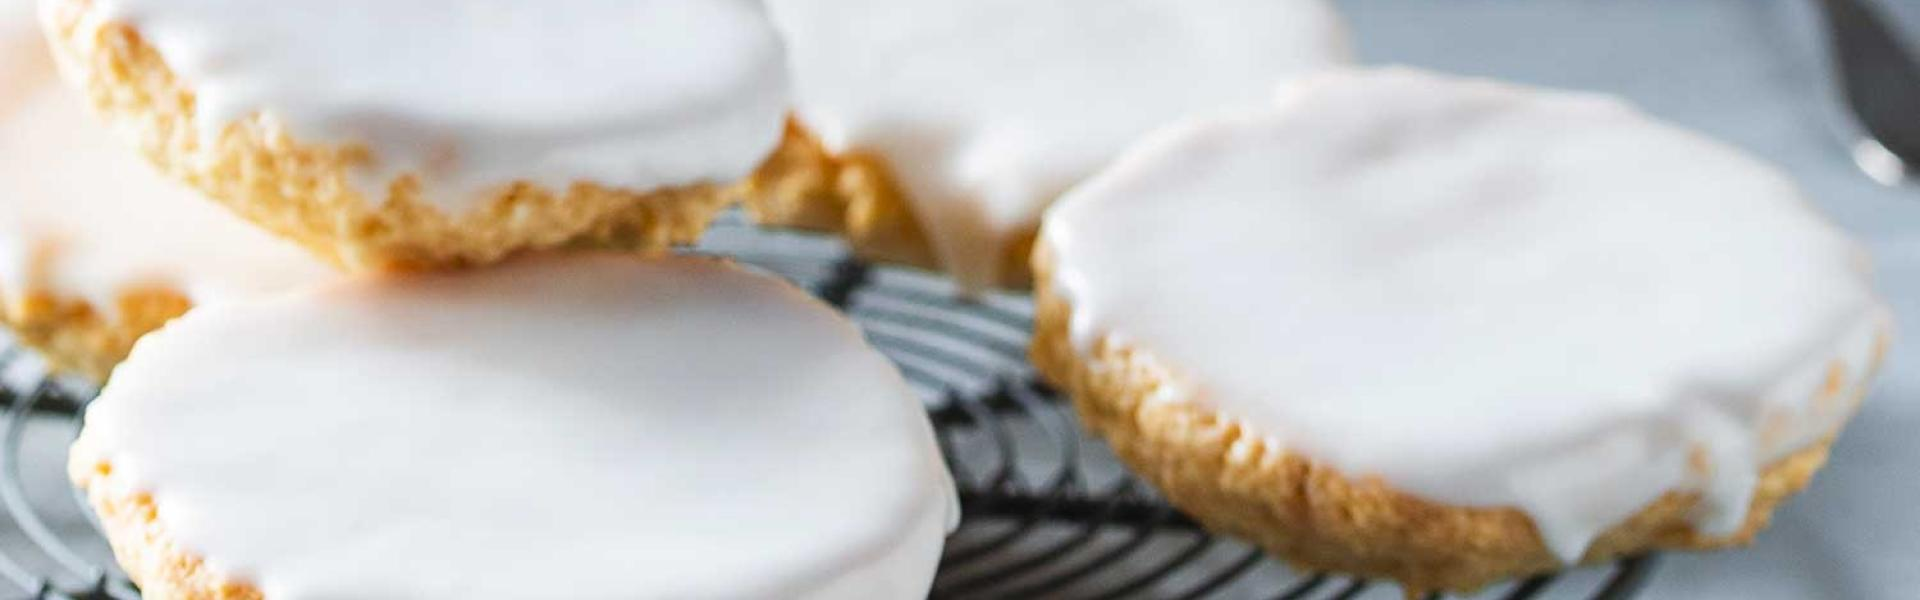 Vegane Amerikaner mit Zuckerguss auf einem Kuchengitter.